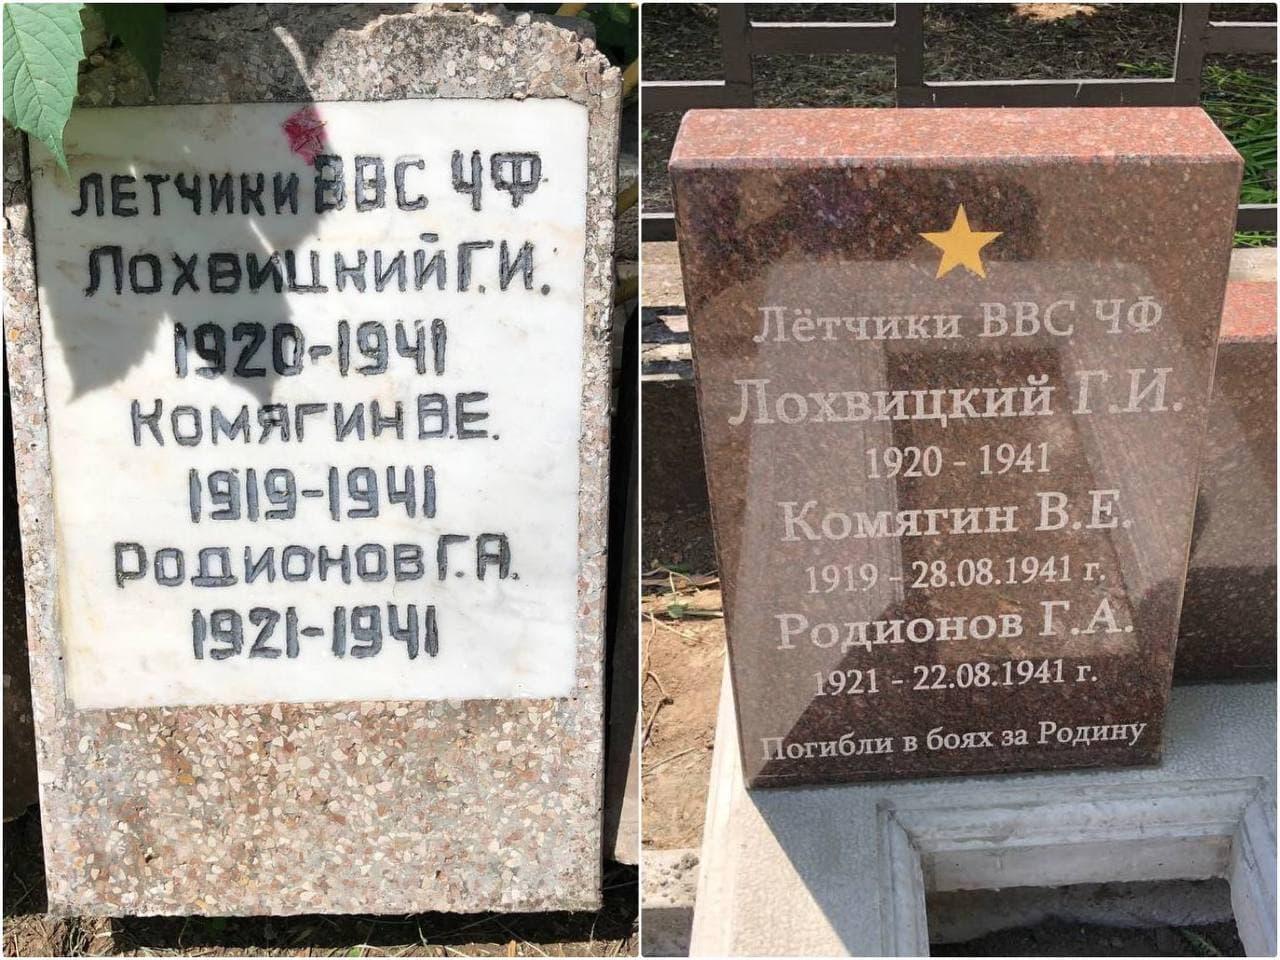 На разрушенном вандалами мемориальном кладбище в центре Херсона появились новые памятники